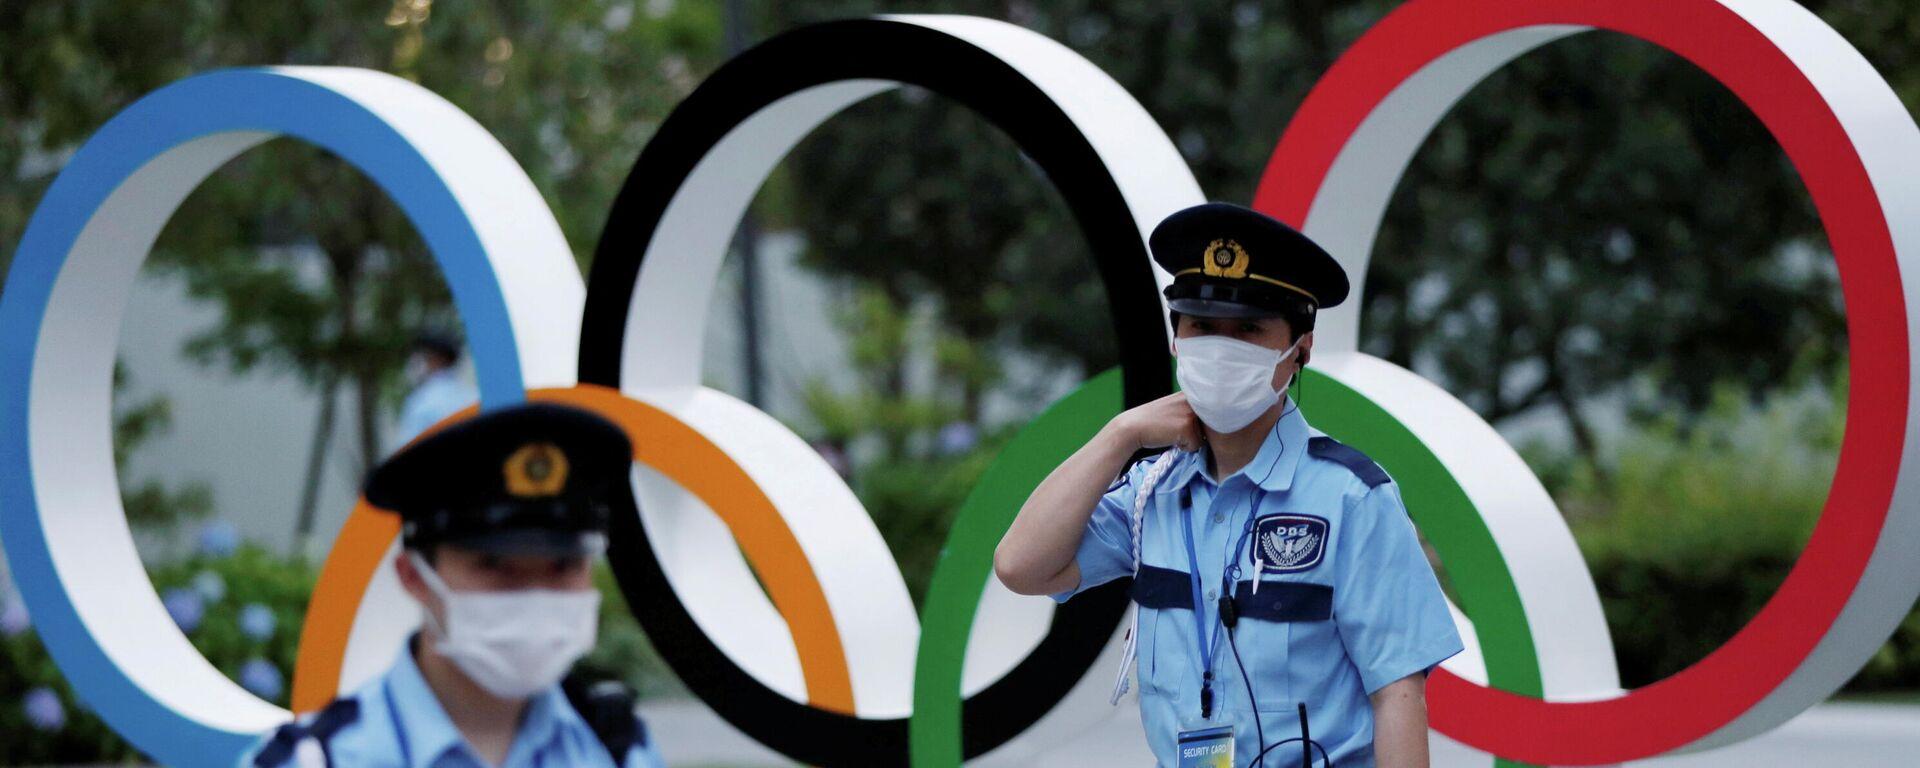 Policías japoneses y anillos olímpicos - Sputnik Mundo, 1920, 15.06.2021